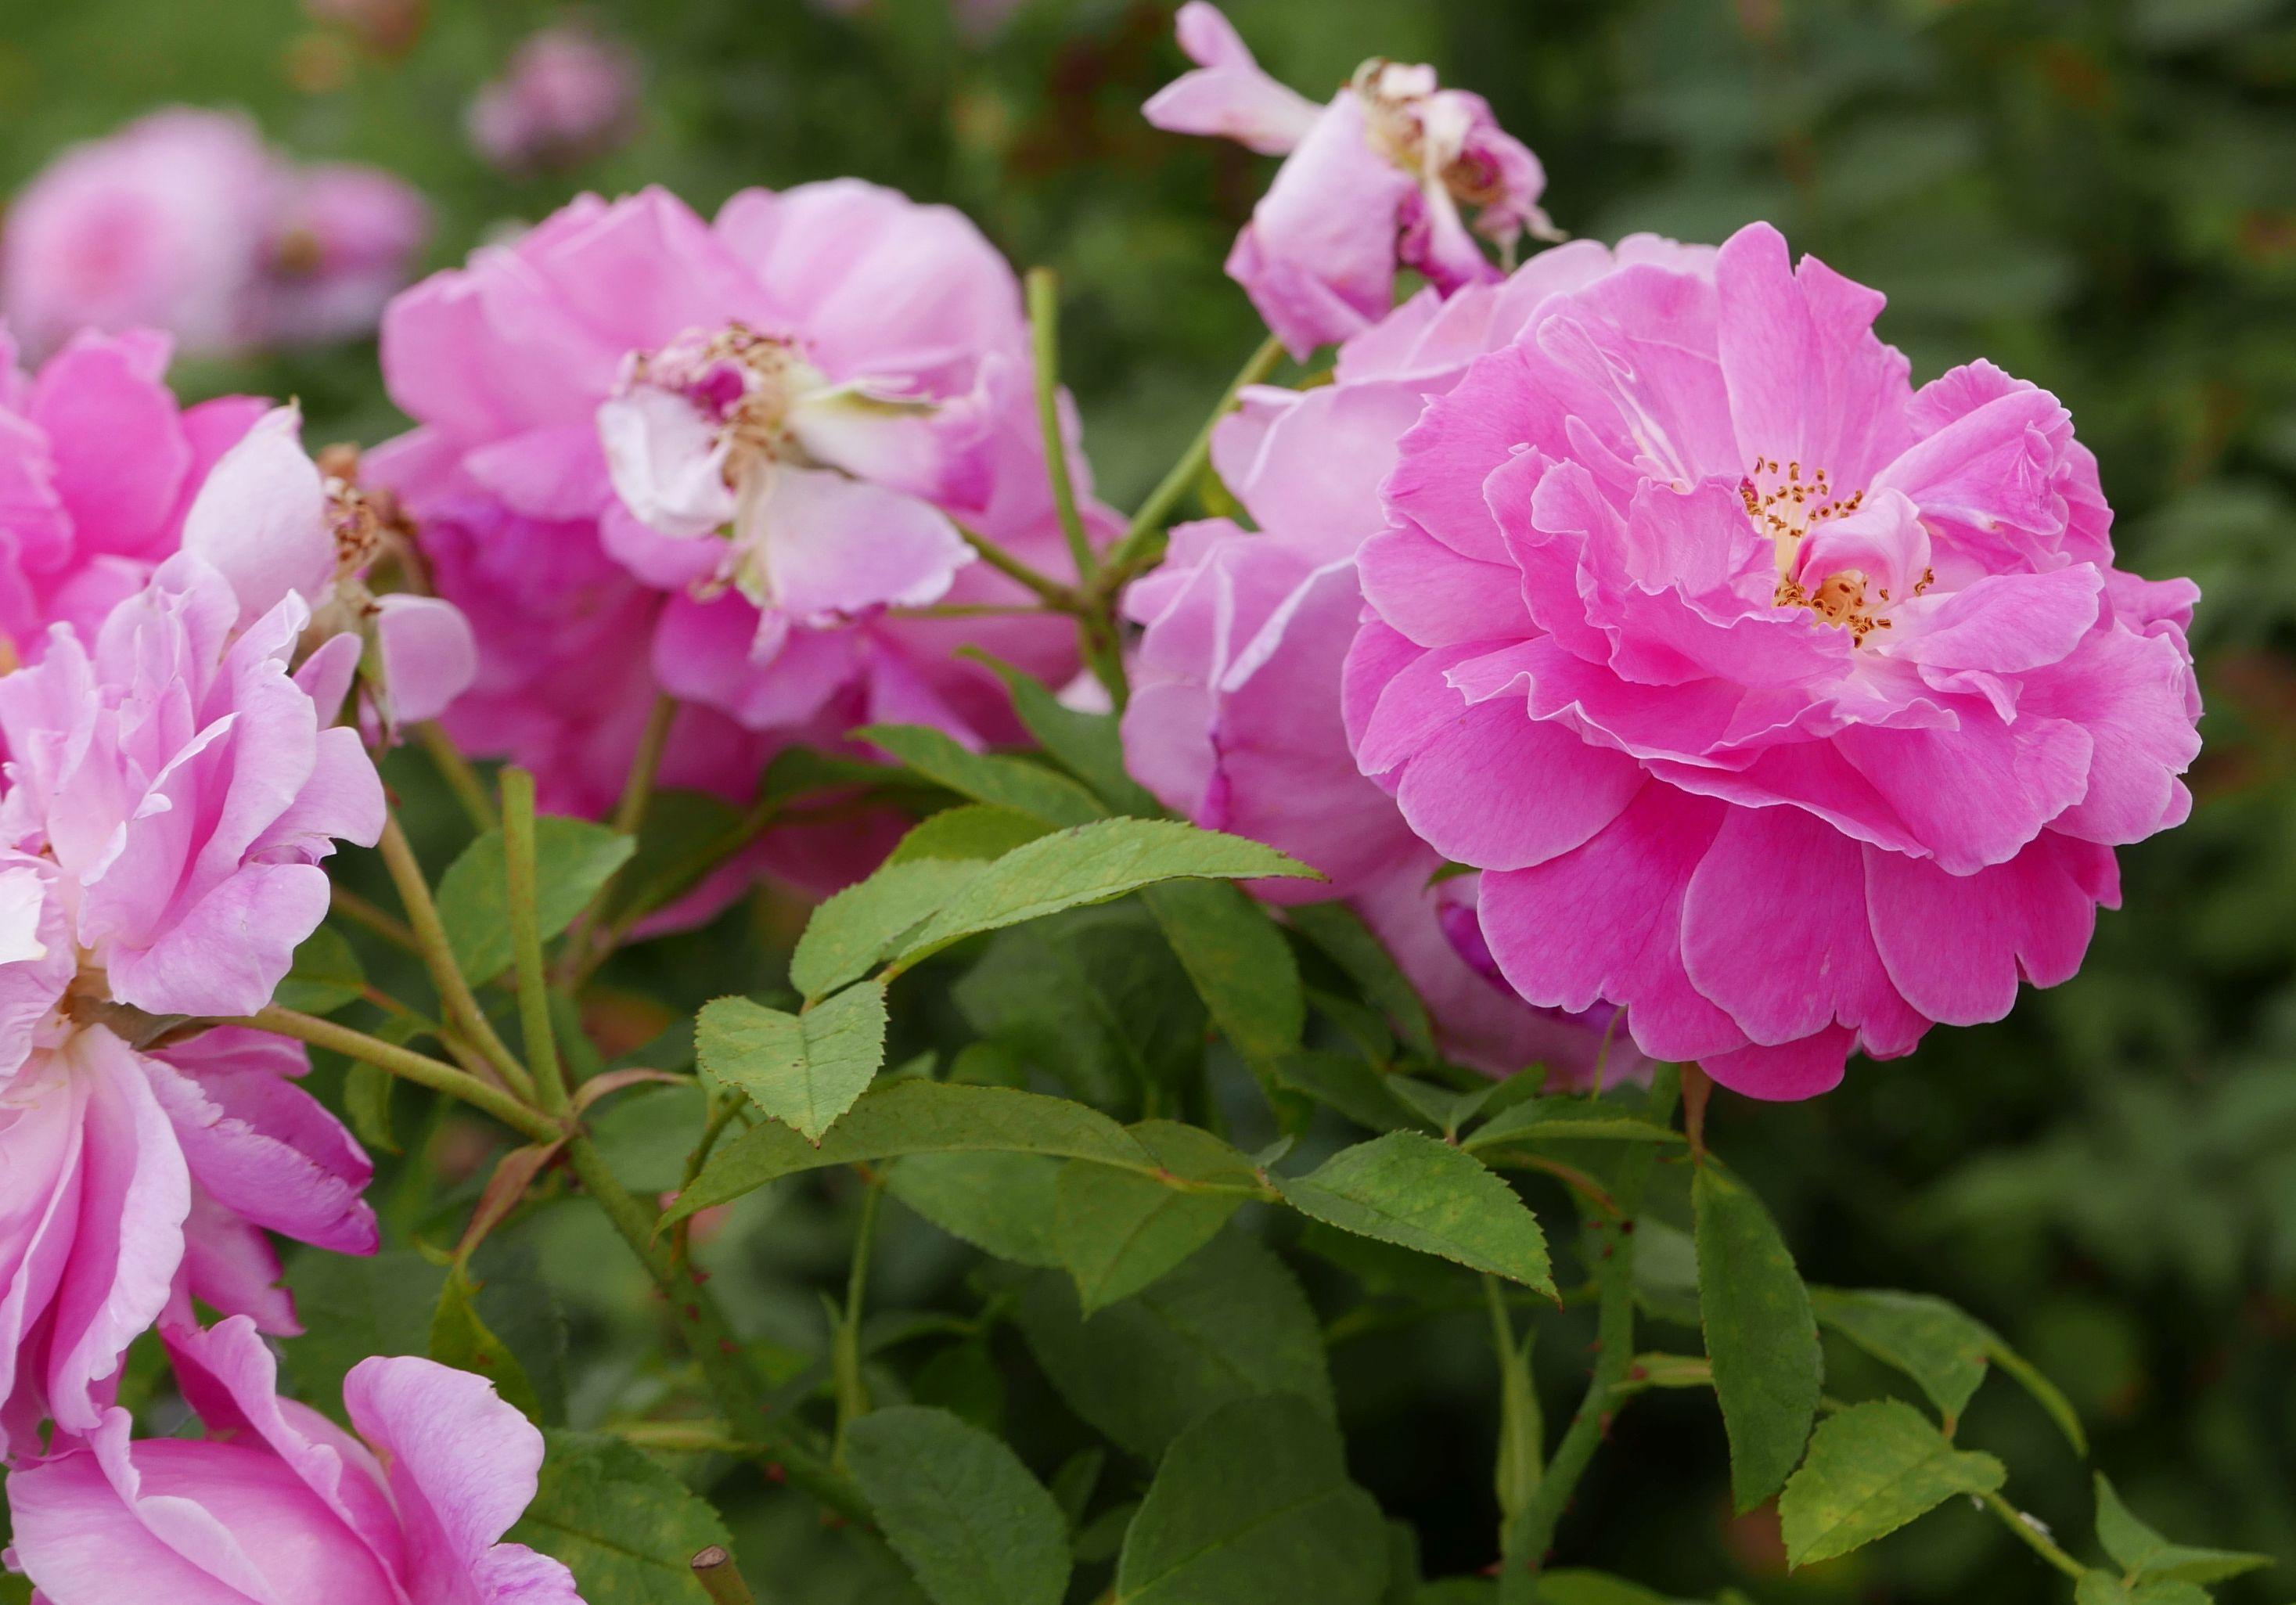 rosa mary rose wikimedia commons